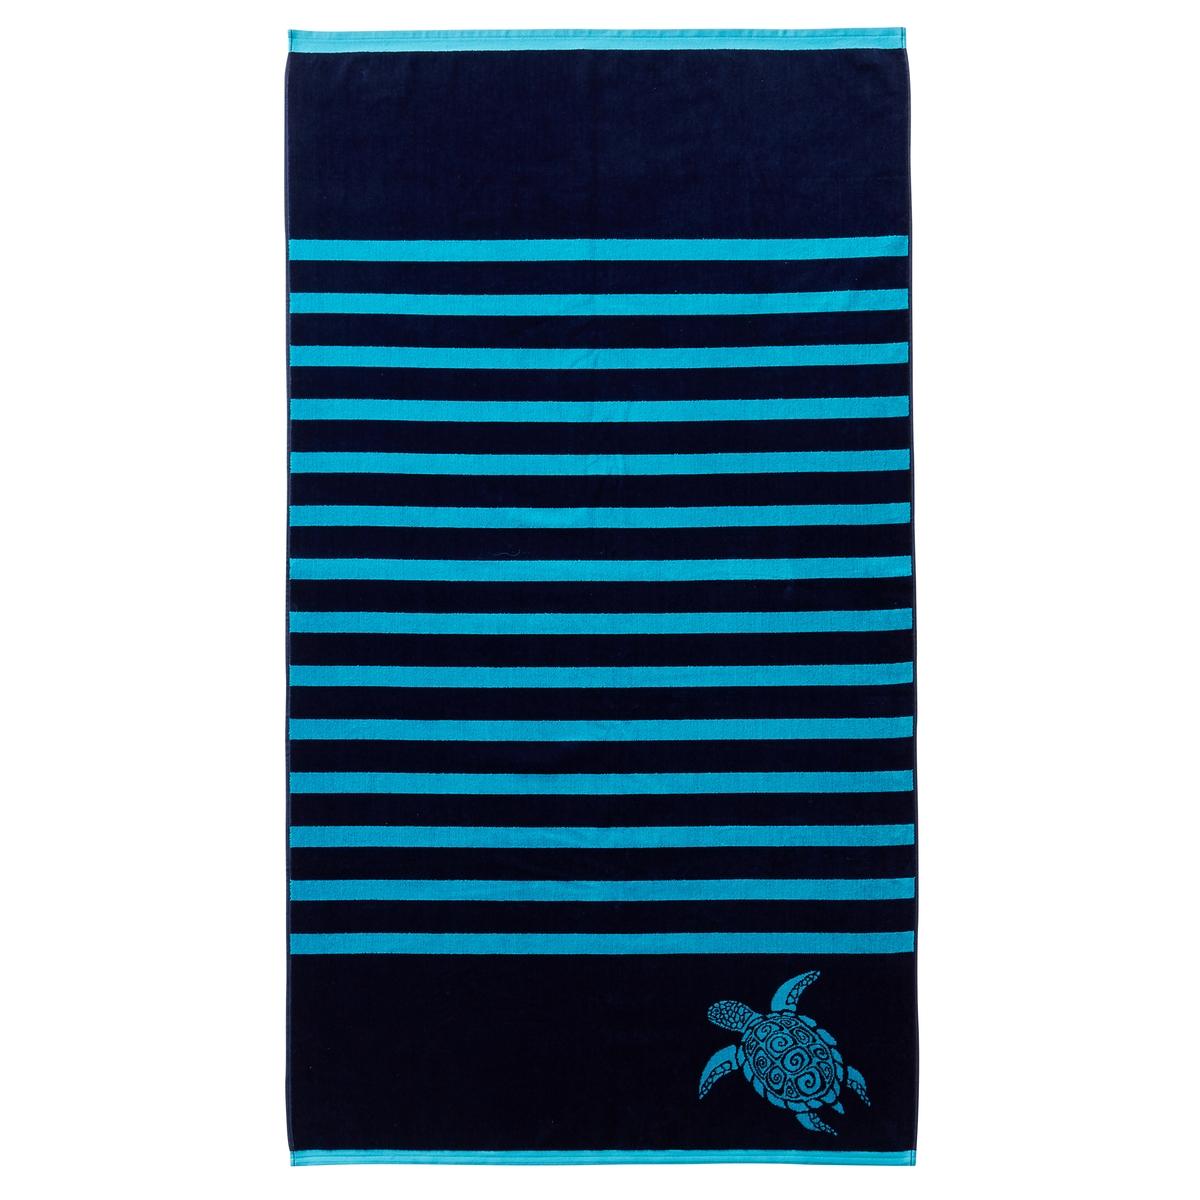 Полотенце пляжное BahiaПолотенце пляжное из велюра с жаккардовым рисунком Bahia. Характеристики пляжного полотенца Bahia :Махровая ткань из велюра с жаккардовым рисунком, 100% хлопок.440 г/м?.Машинная стирка при 60 °С.Размеры пляжного полотенца Bahia :90 x 170 см .<br><br>Цвет: синий